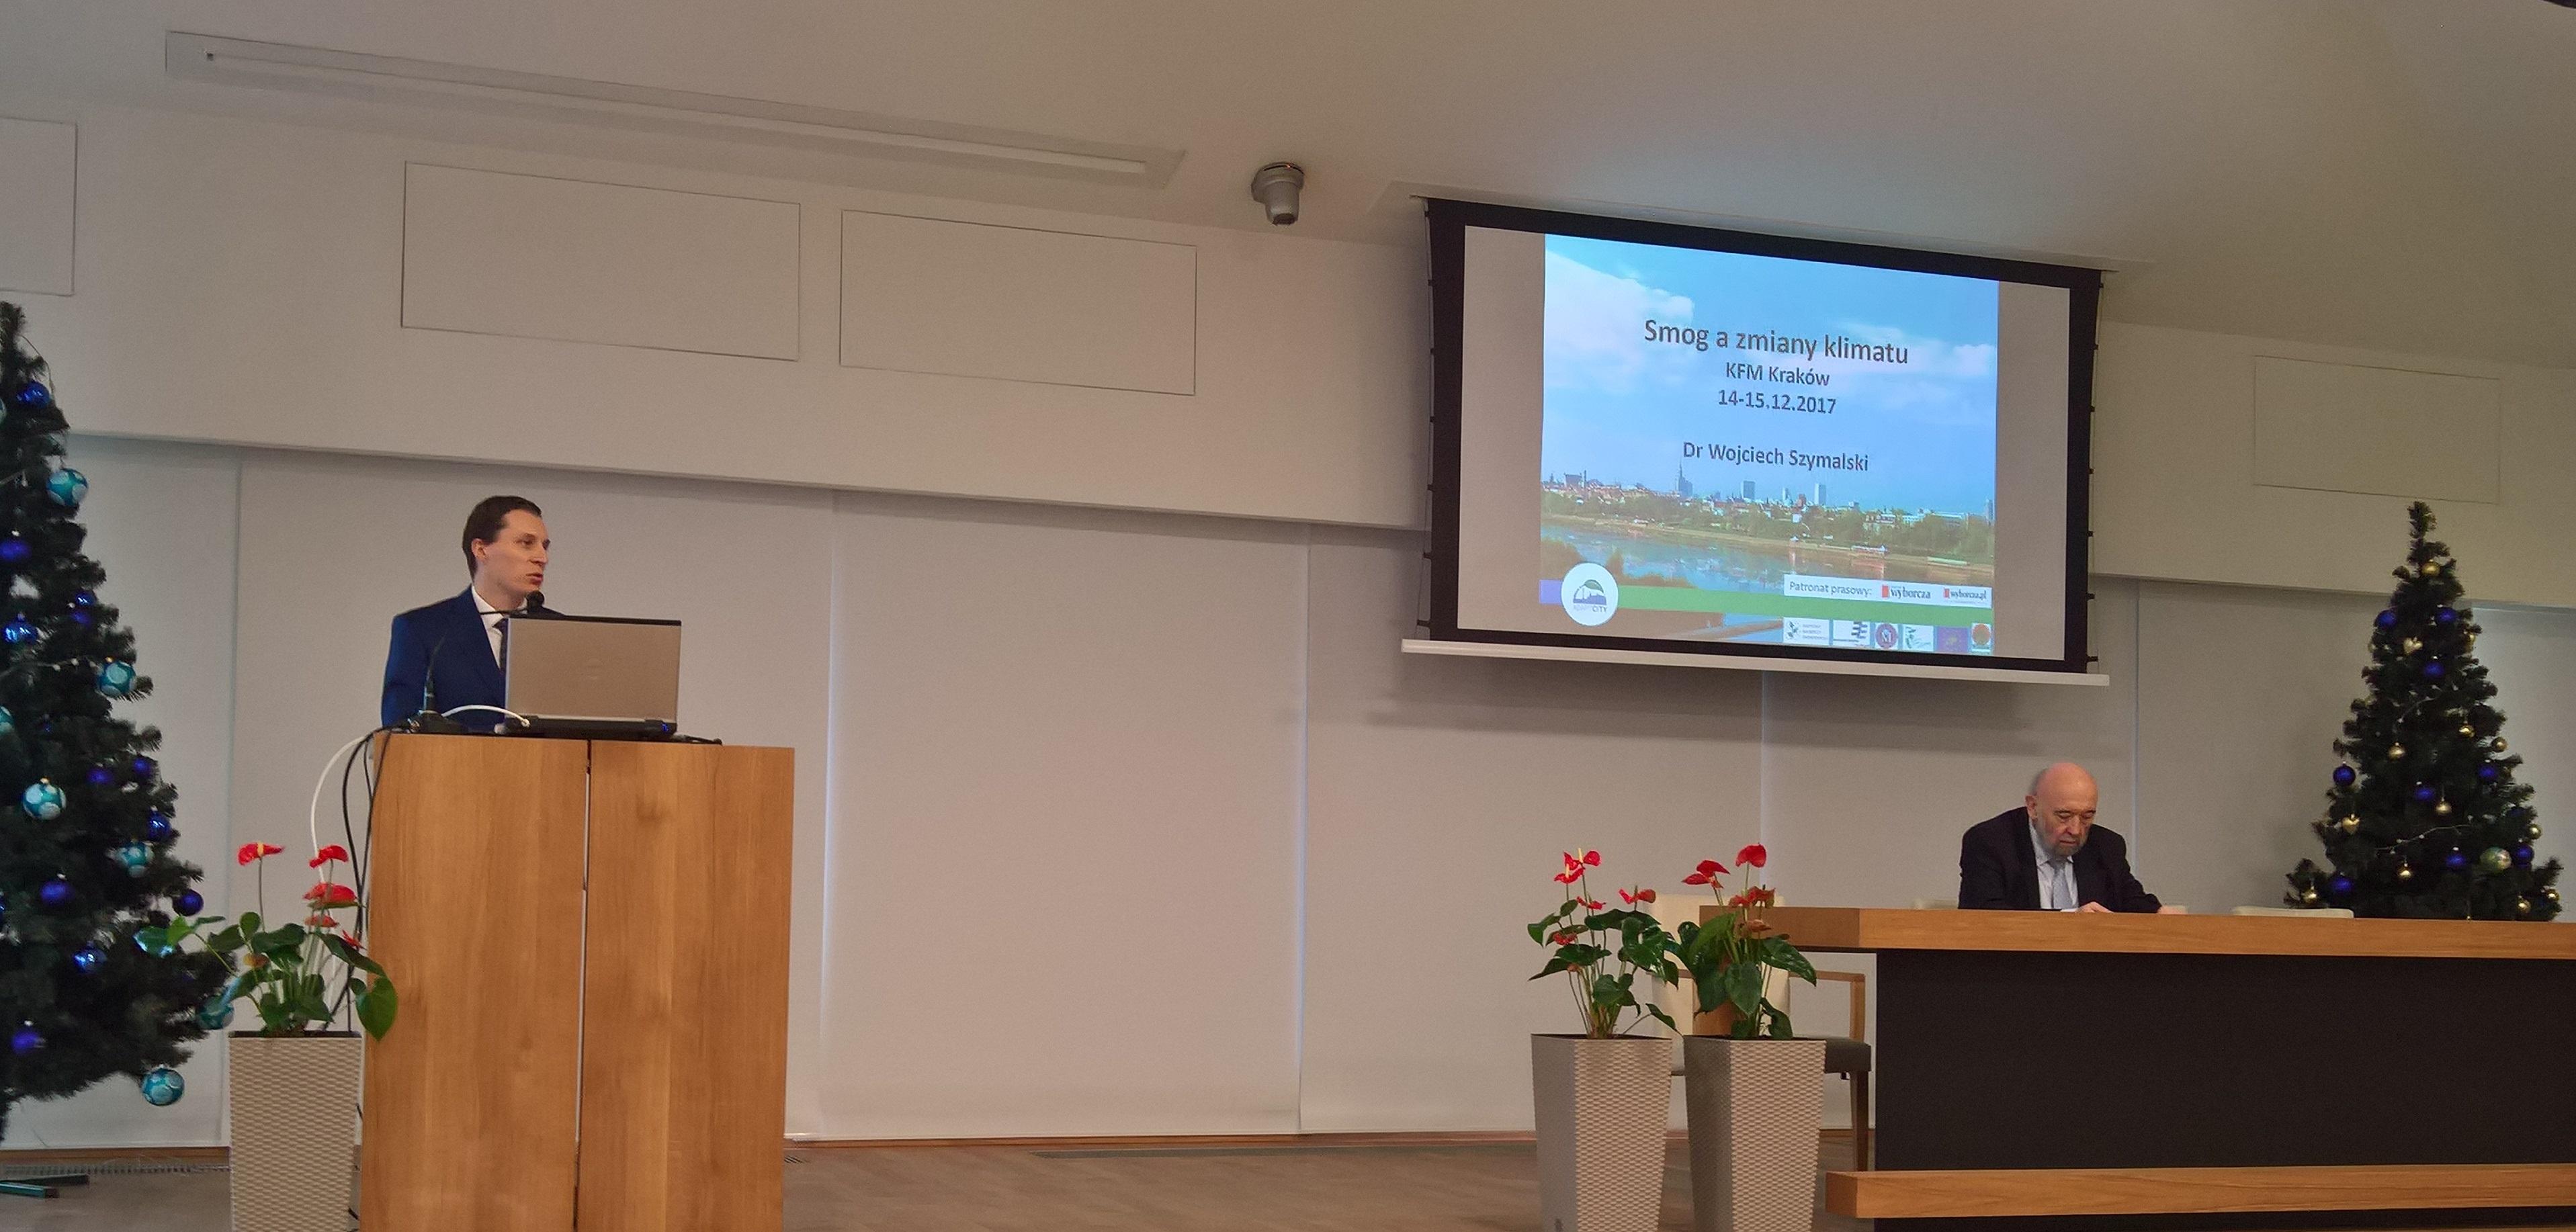 Forum Kraków1 1 - VI Klimatyczne Forum Metropolitalne w Krakowie, czyli jak szybko poprawić jakość powietrza